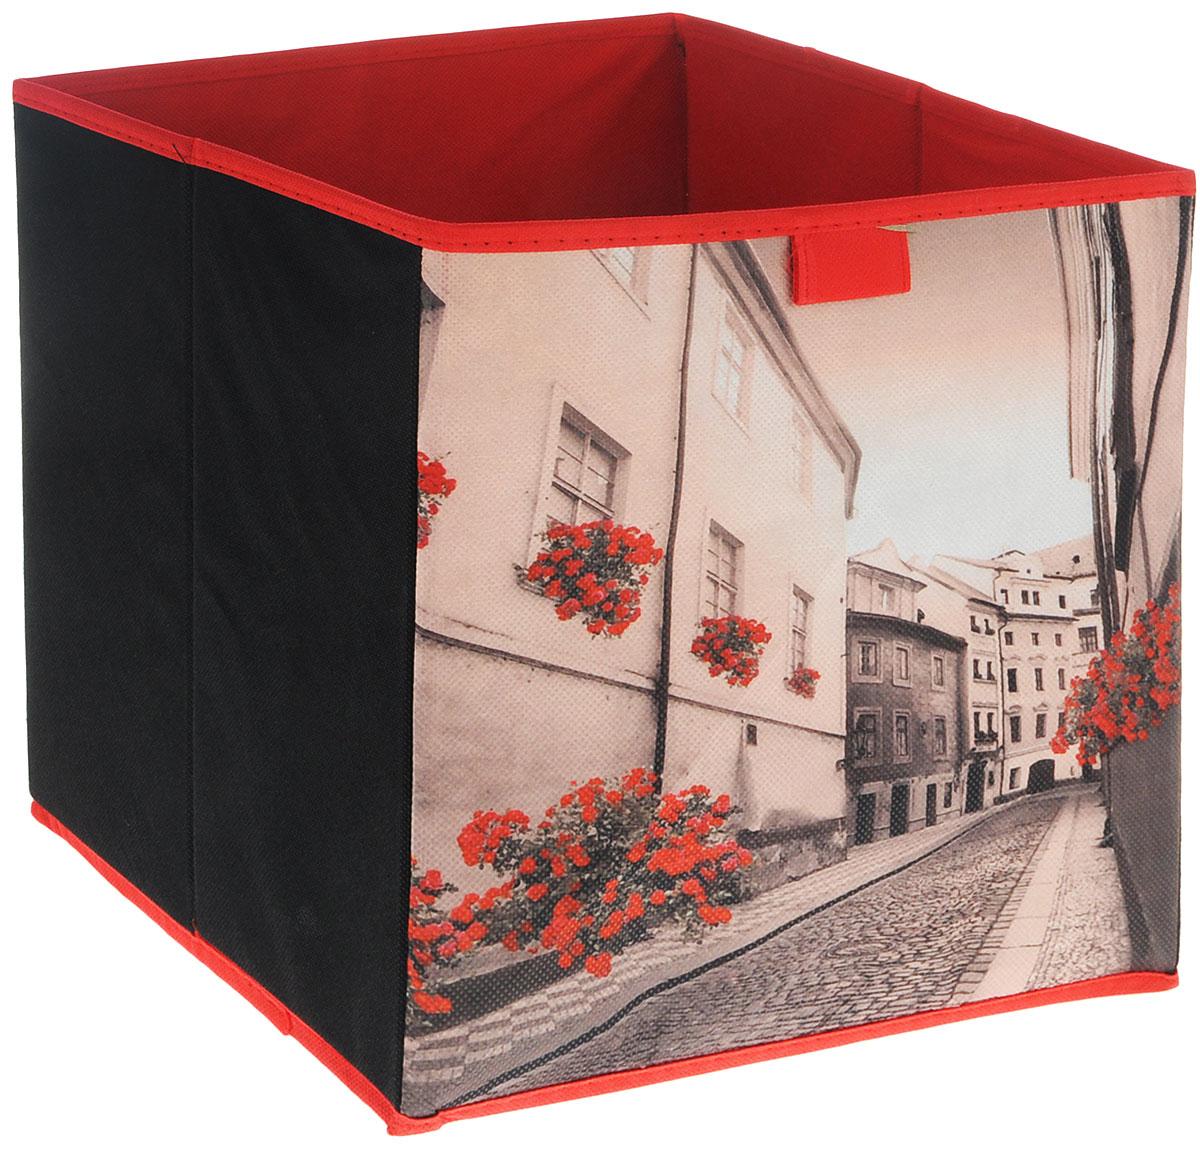 Коробка для хранения Youll love, цвет: красный, 27 х 27 х 28 см70850_красный